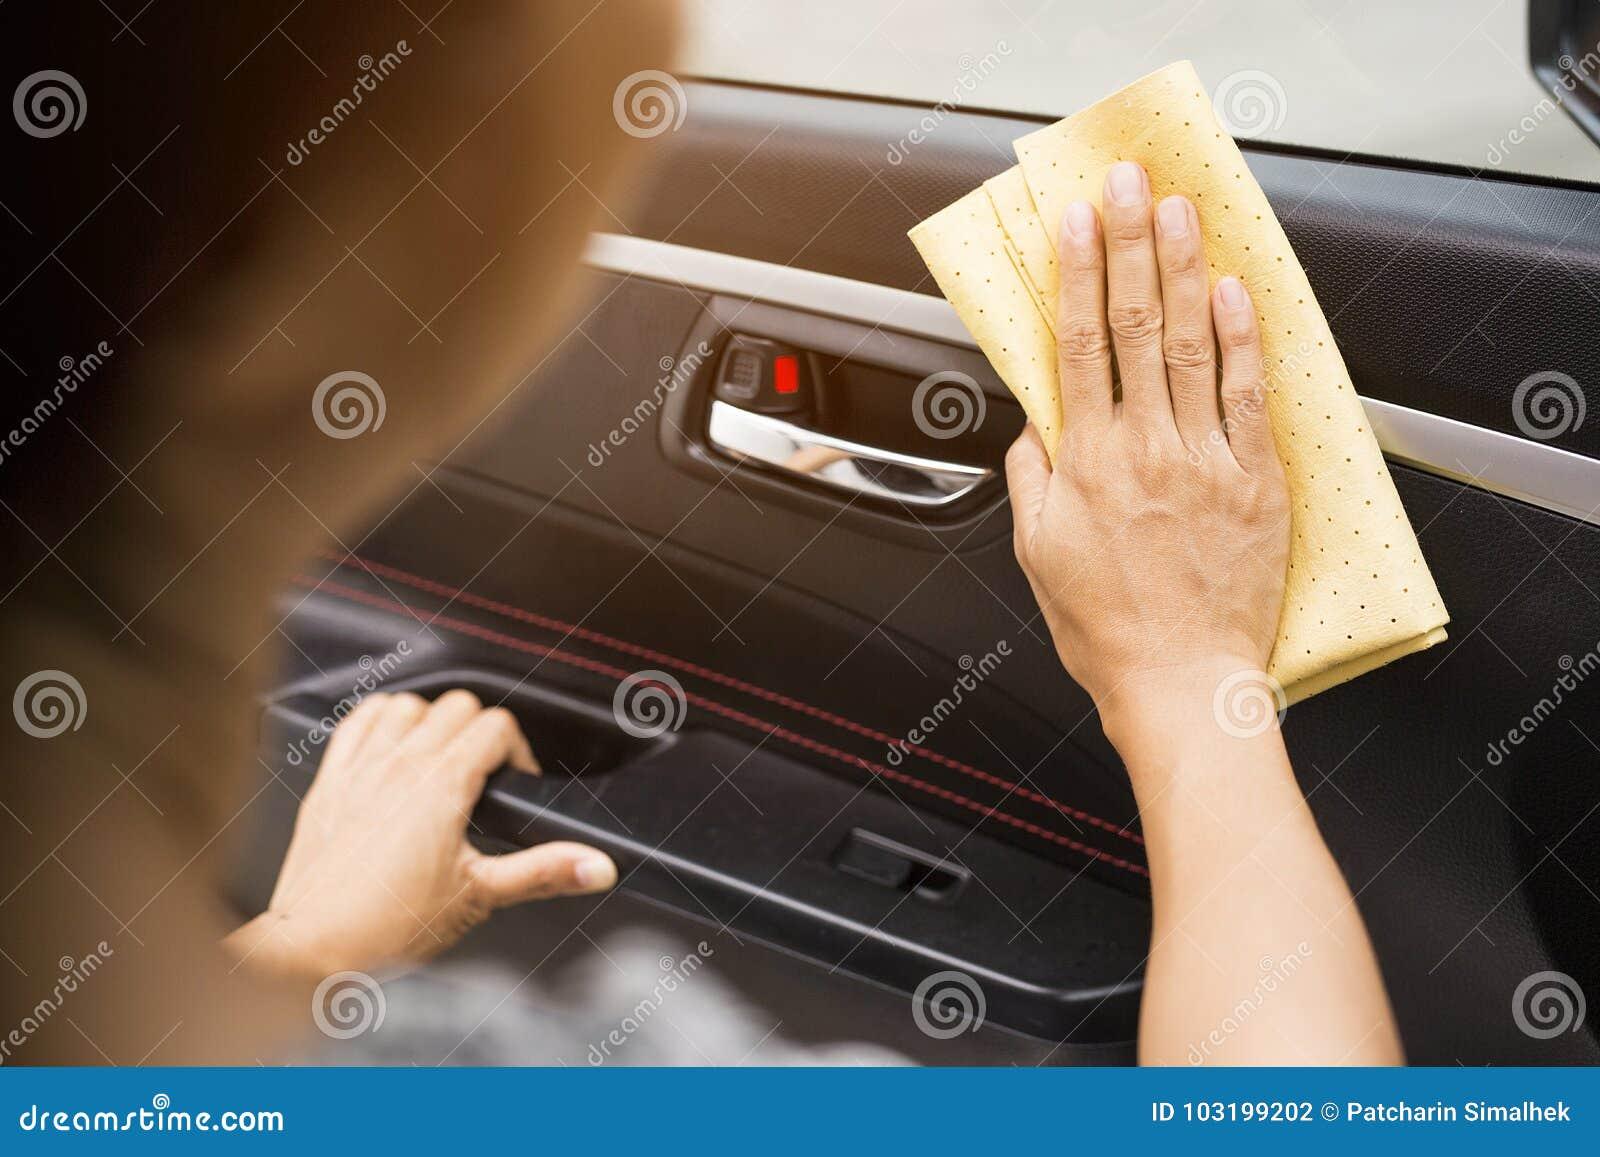 这个图象是用手抹汽车的图片与一块黄色microfiber布料